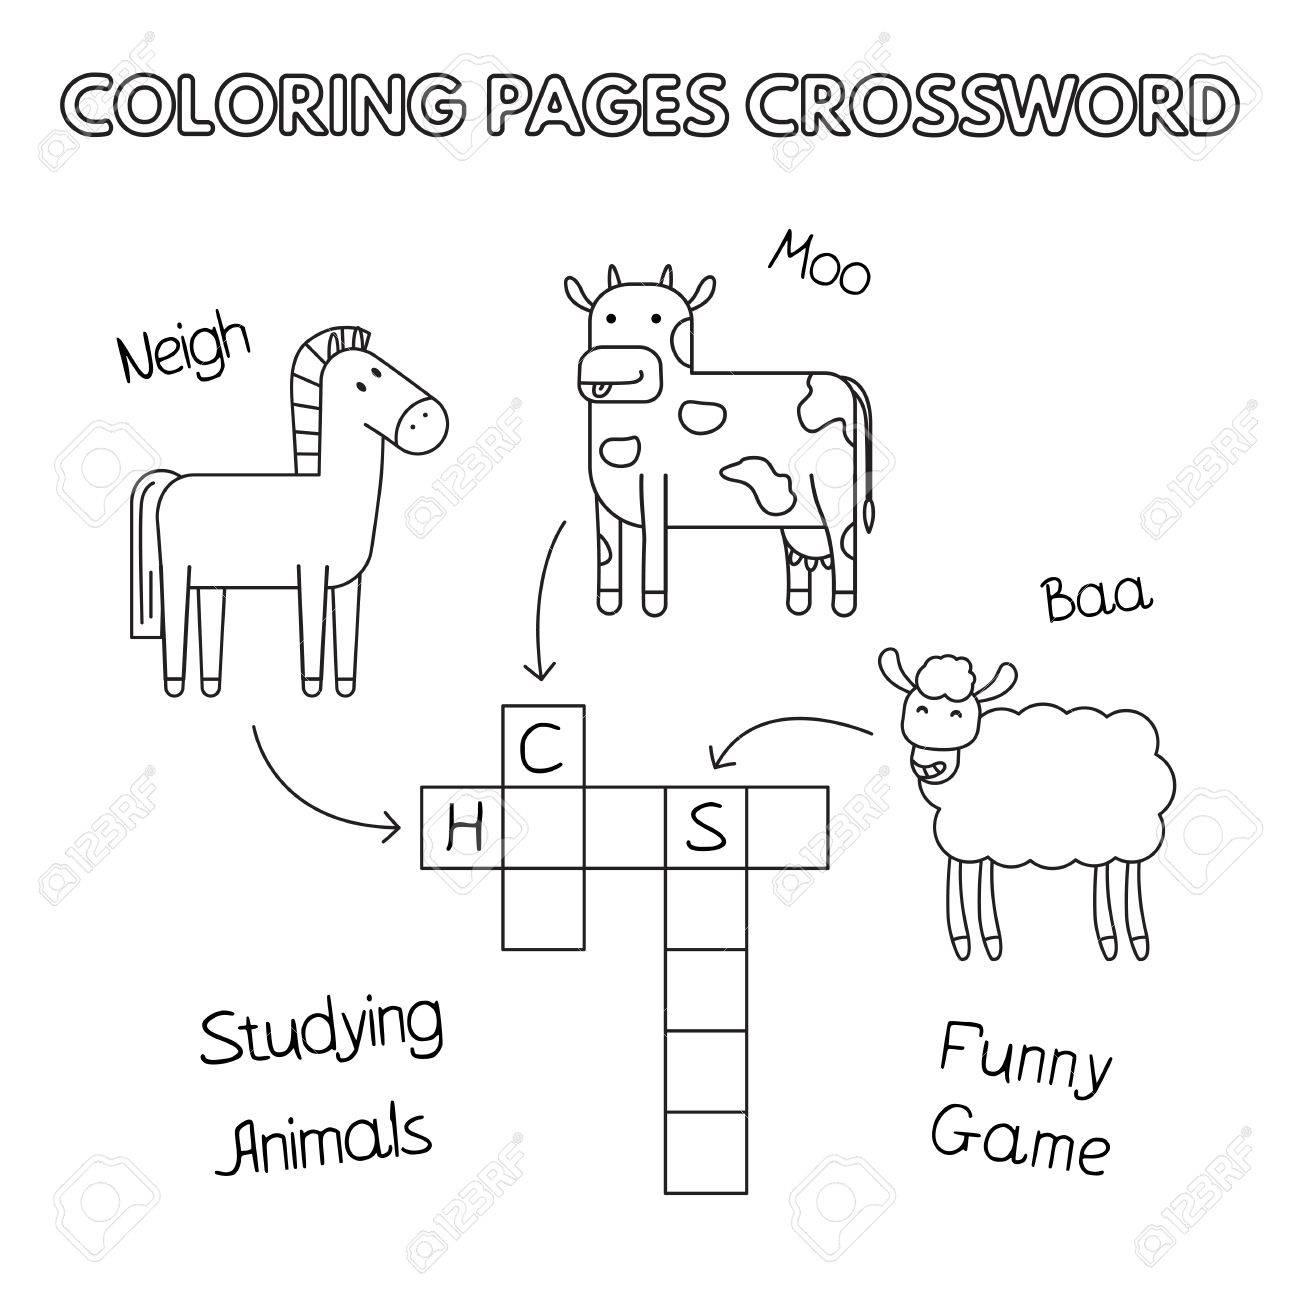 Farm Animals Coloring Book Crossword Royalty Free Cliparts, Vectors ...